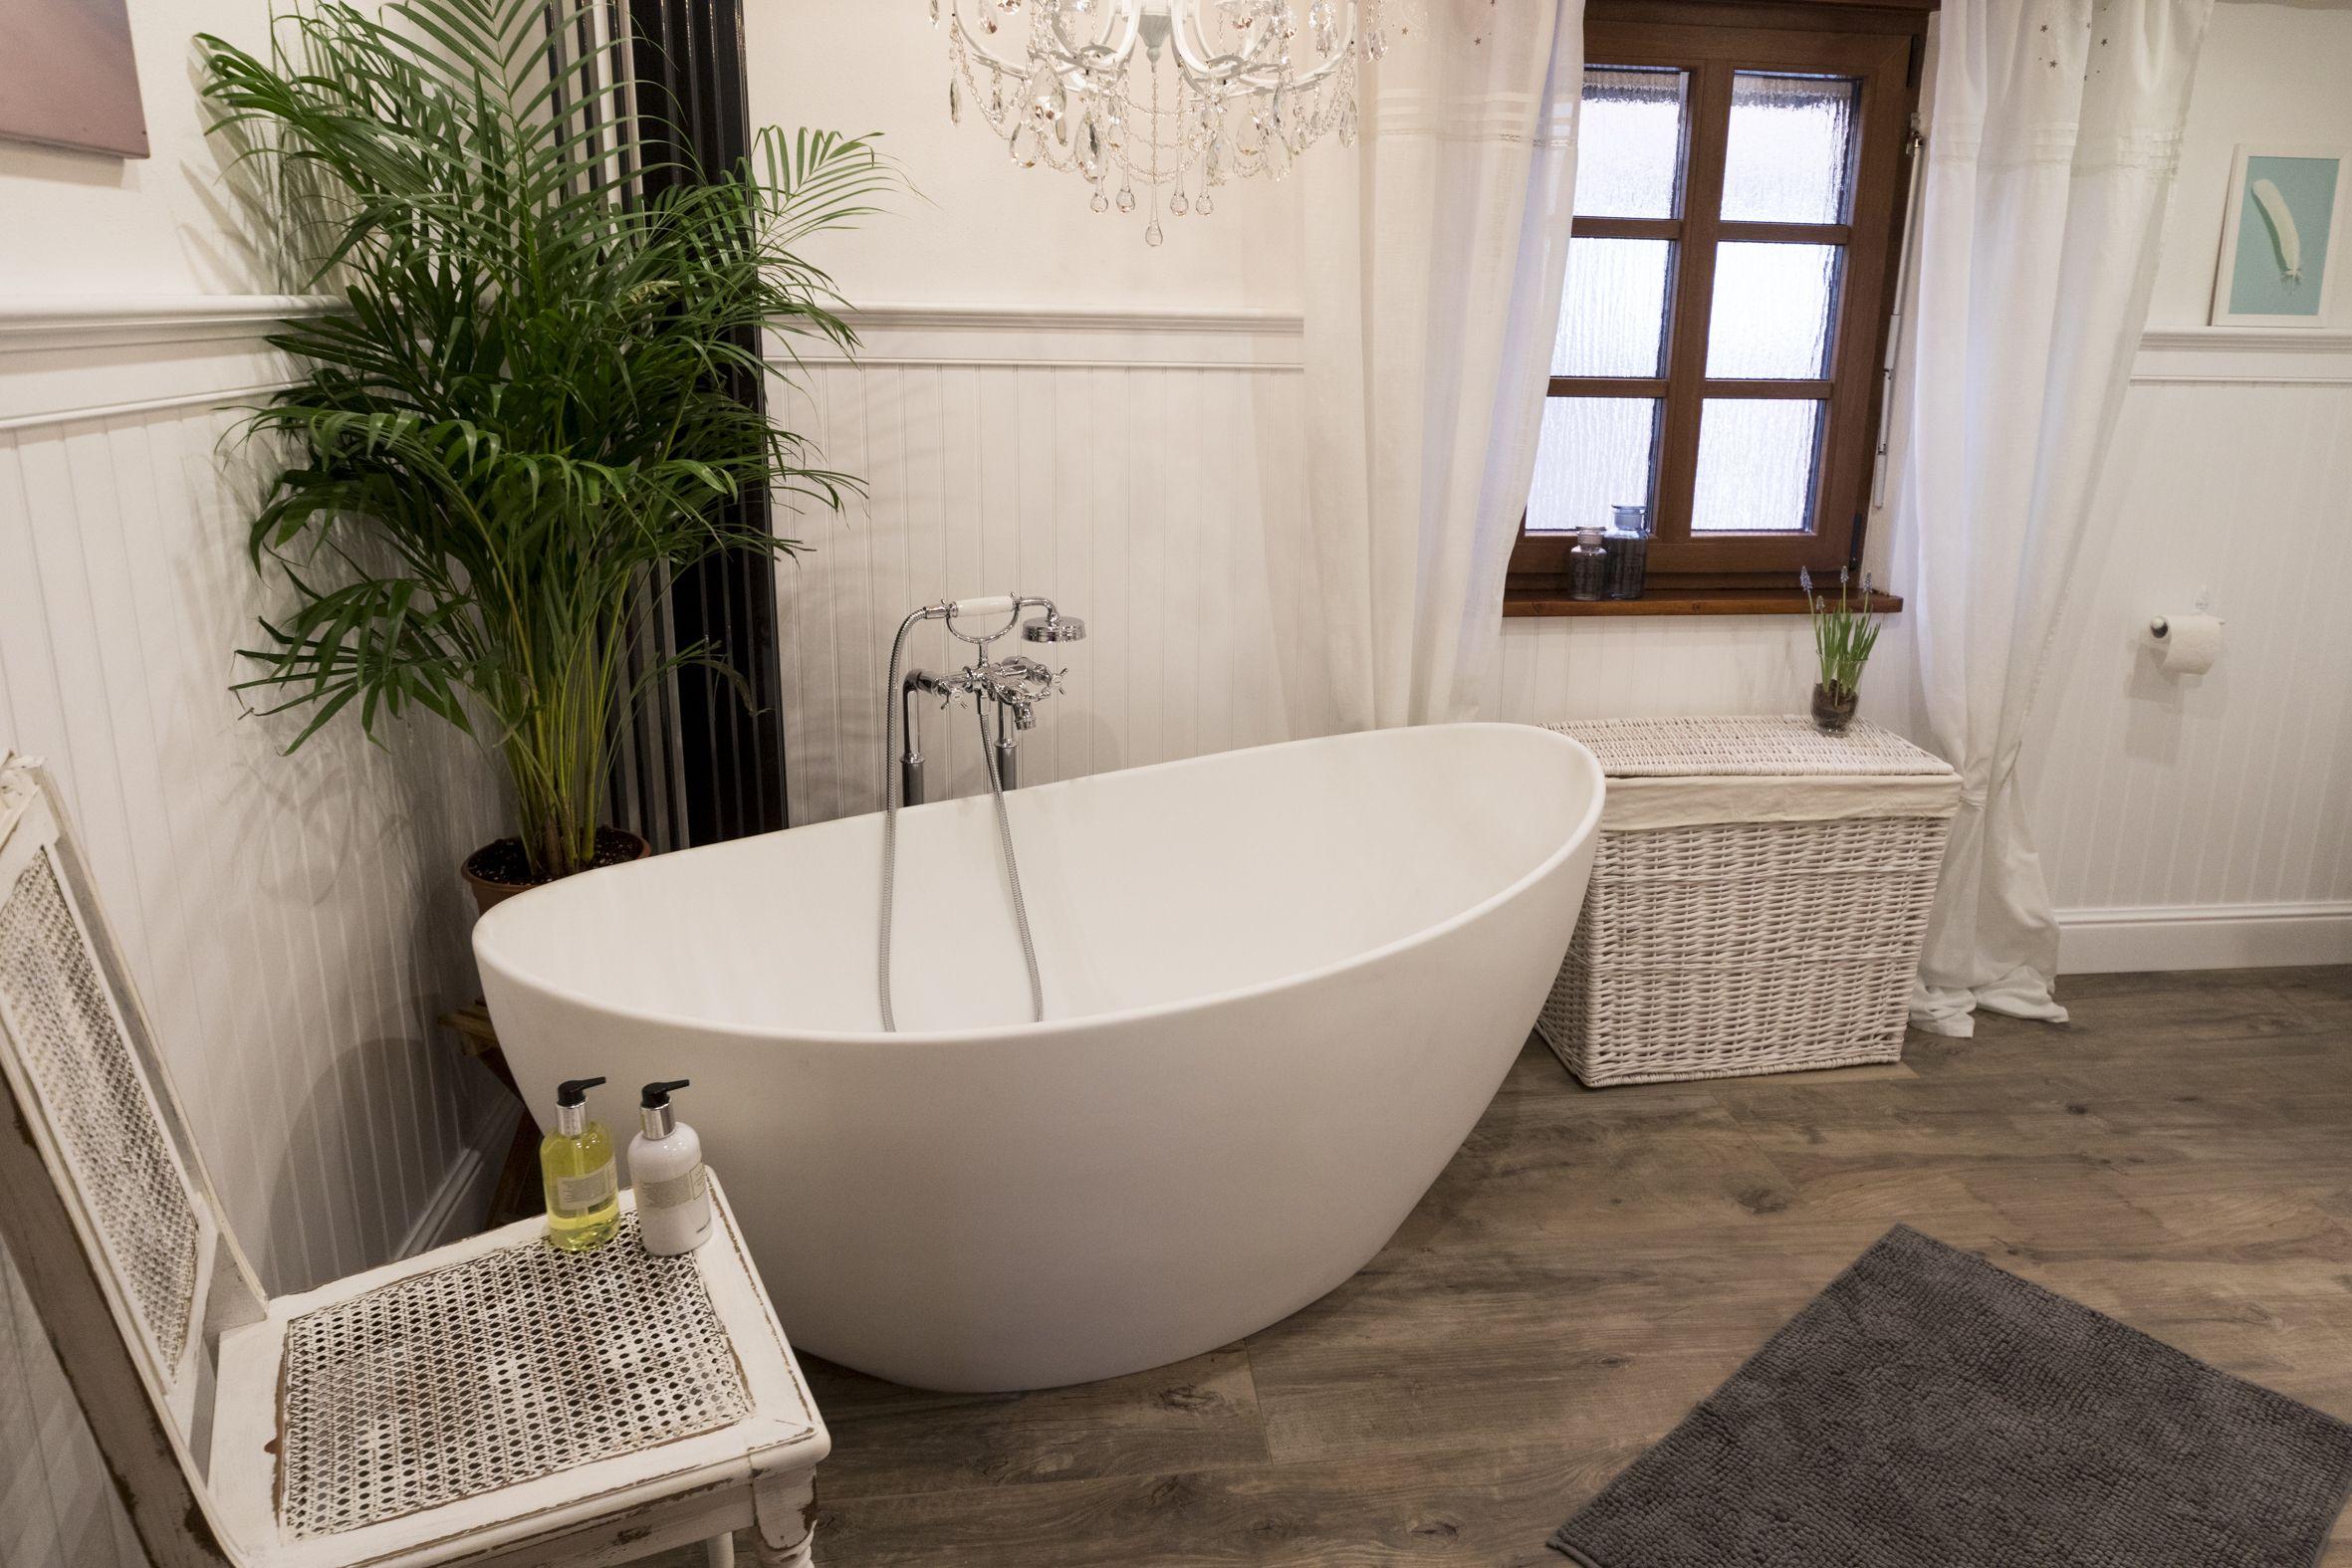 Schwedenhaus badezimmer  beadboard.de #Wandverkleidung #Holzpaneele #Schwedenhaus keine ...